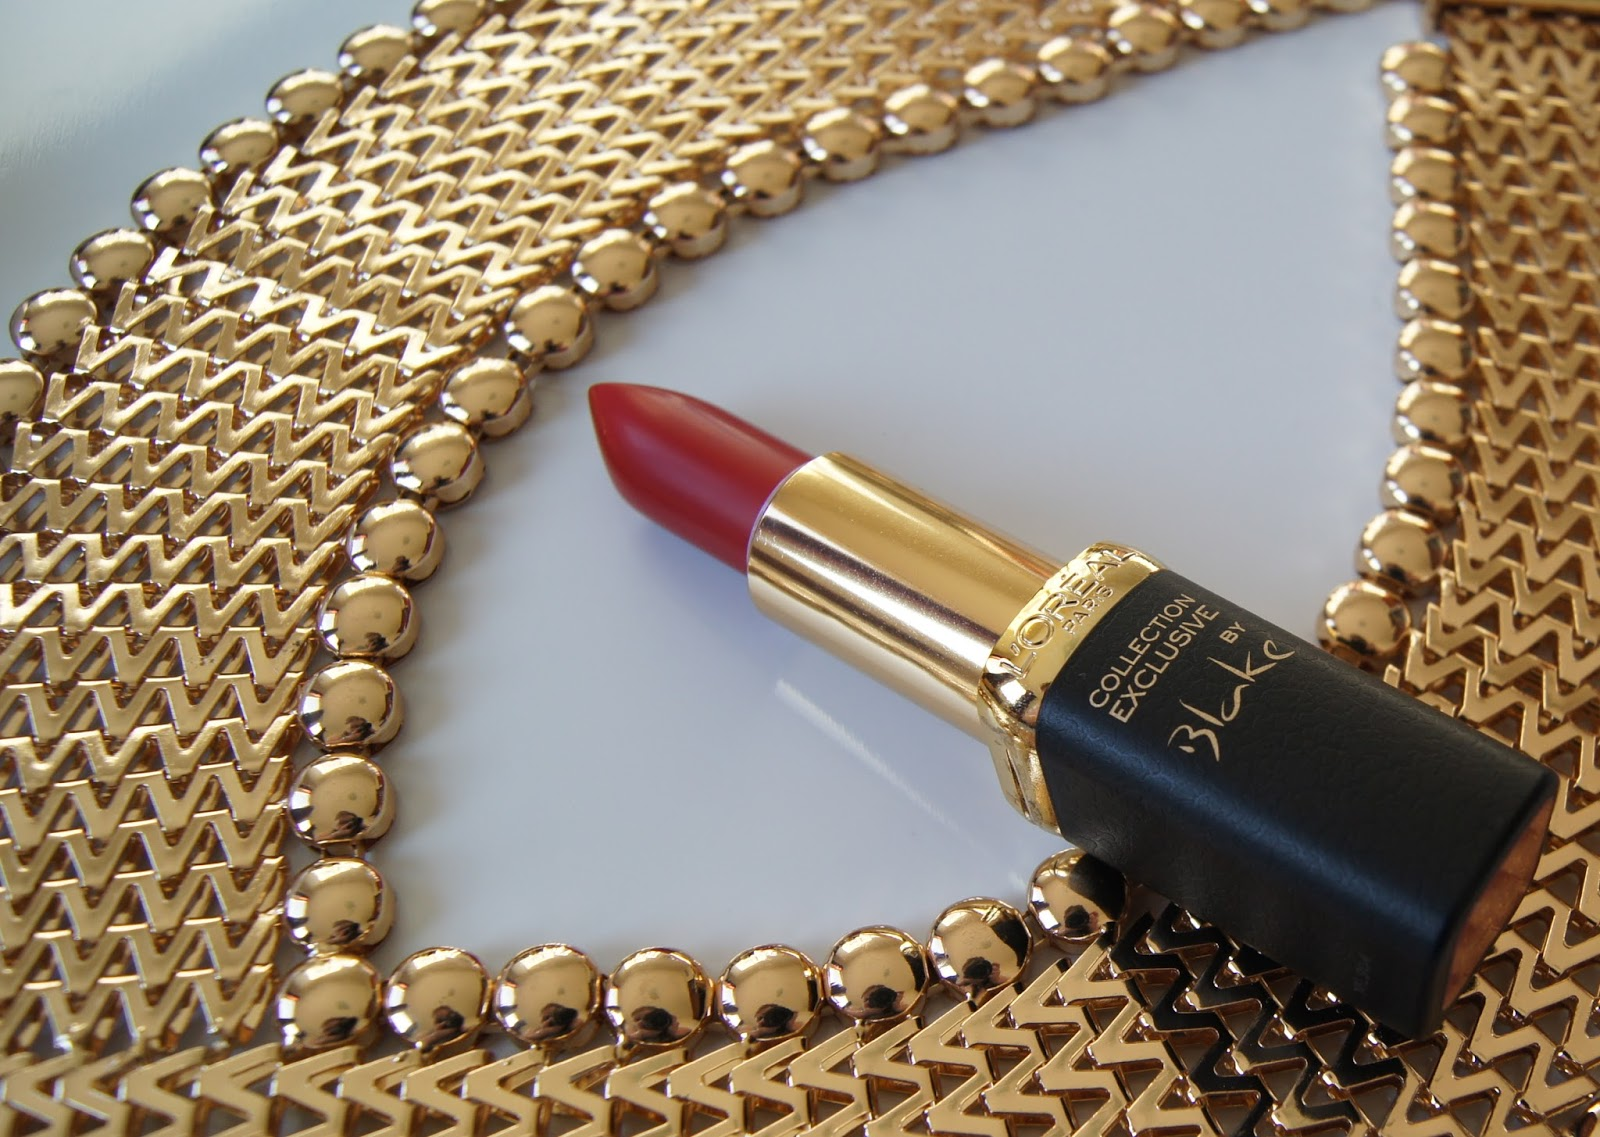 L'Oreal Color Riche lipstick in Blakes Red